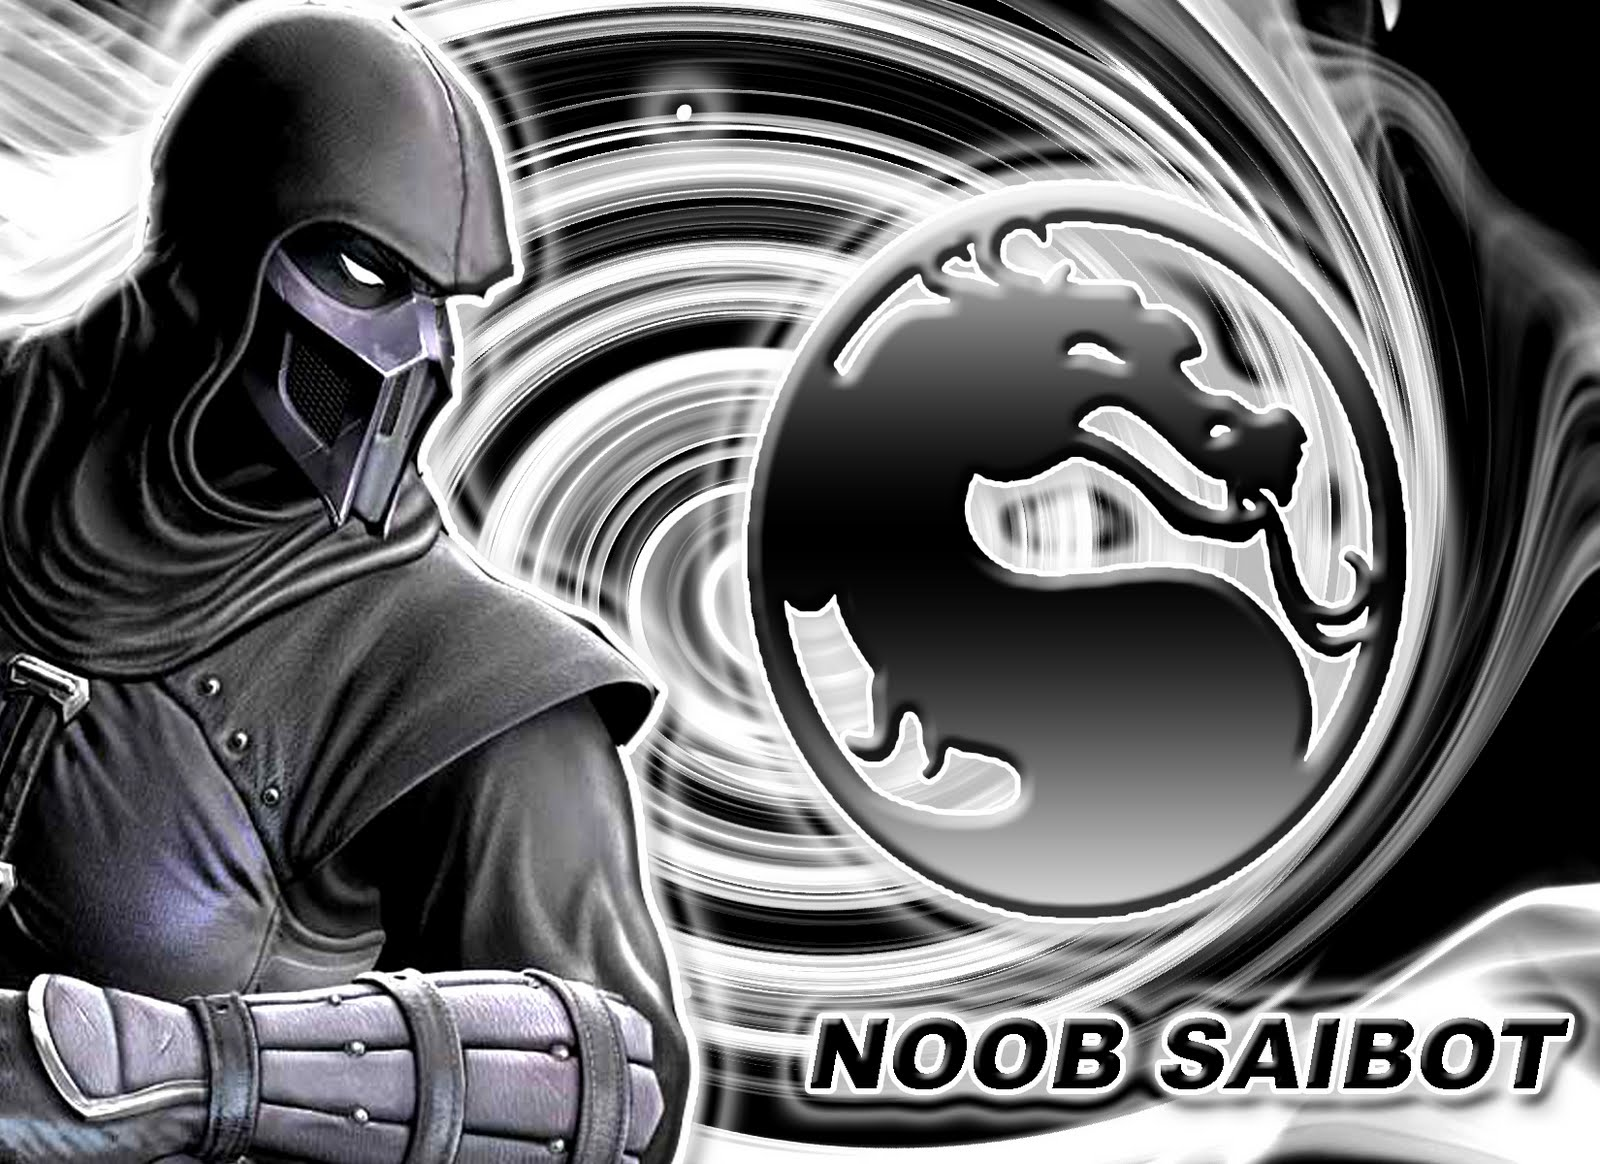 http://2.bp.blogspot.com/-3ytfBeHUsaQ/TdxsG0303II/AAAAAAAAAlY/0oIMehG86OA/s1600/Noob-Saibot-Mortal-Kombat-+mk9+2011.jpg